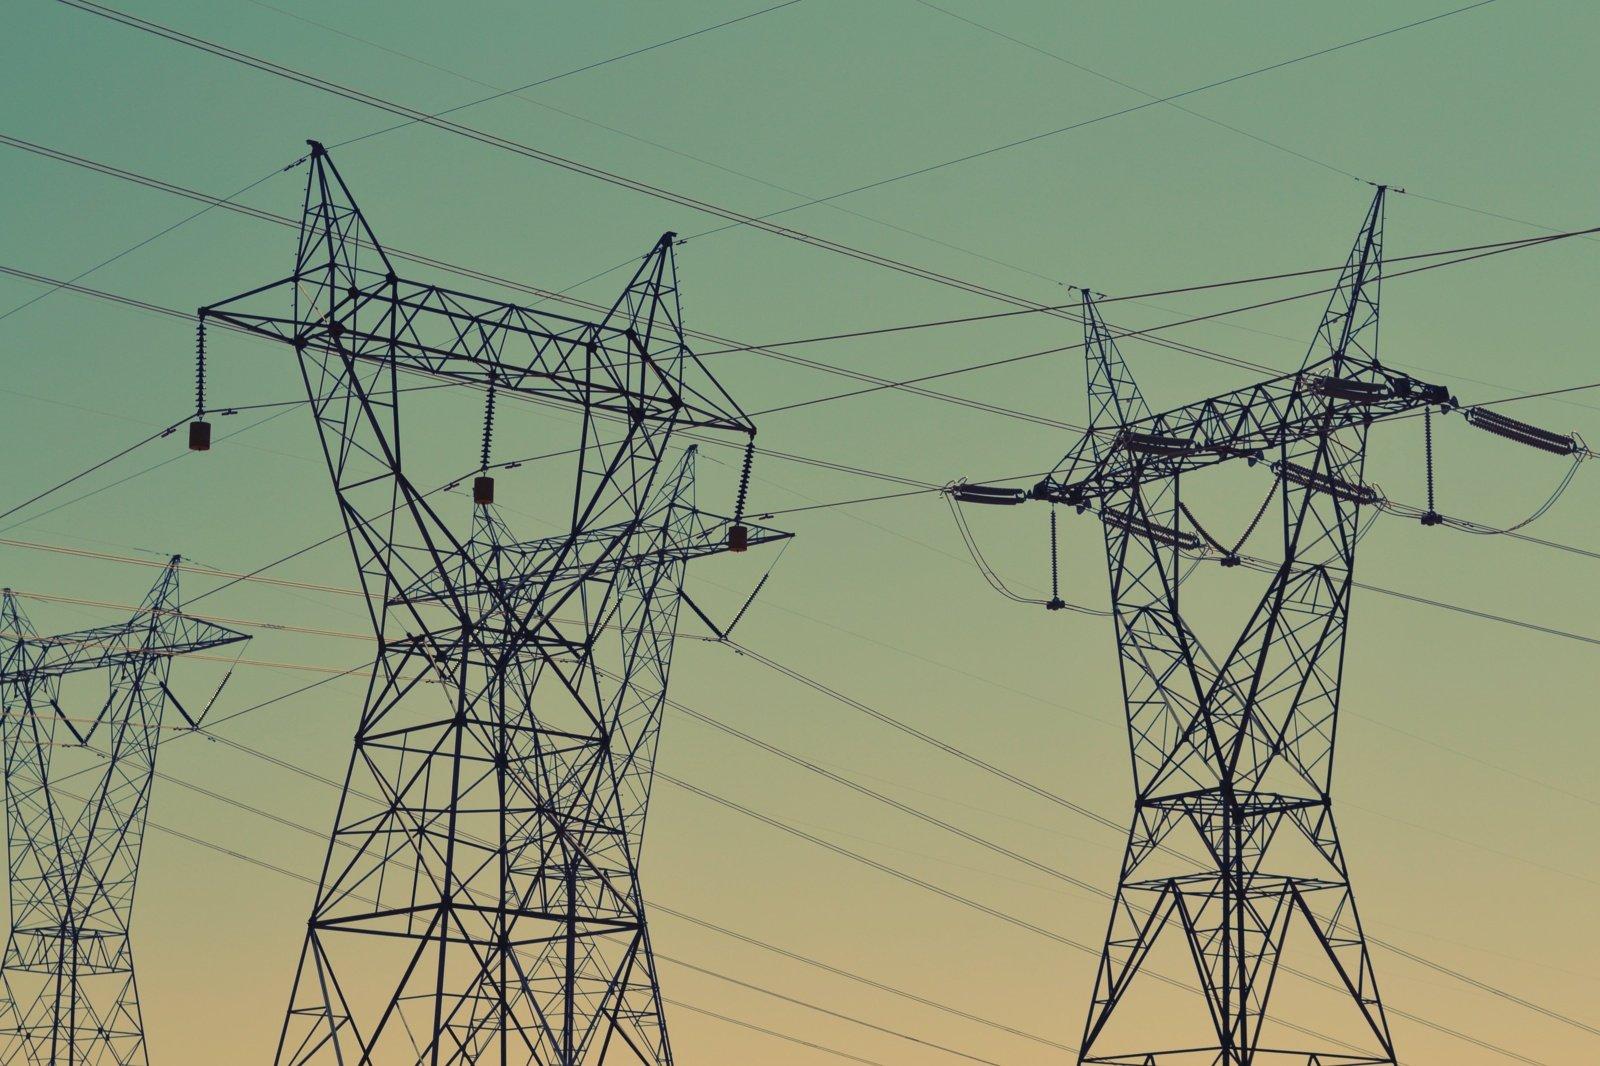 Gruodį elektros kaina Lietuvoje kilo 11 procentų